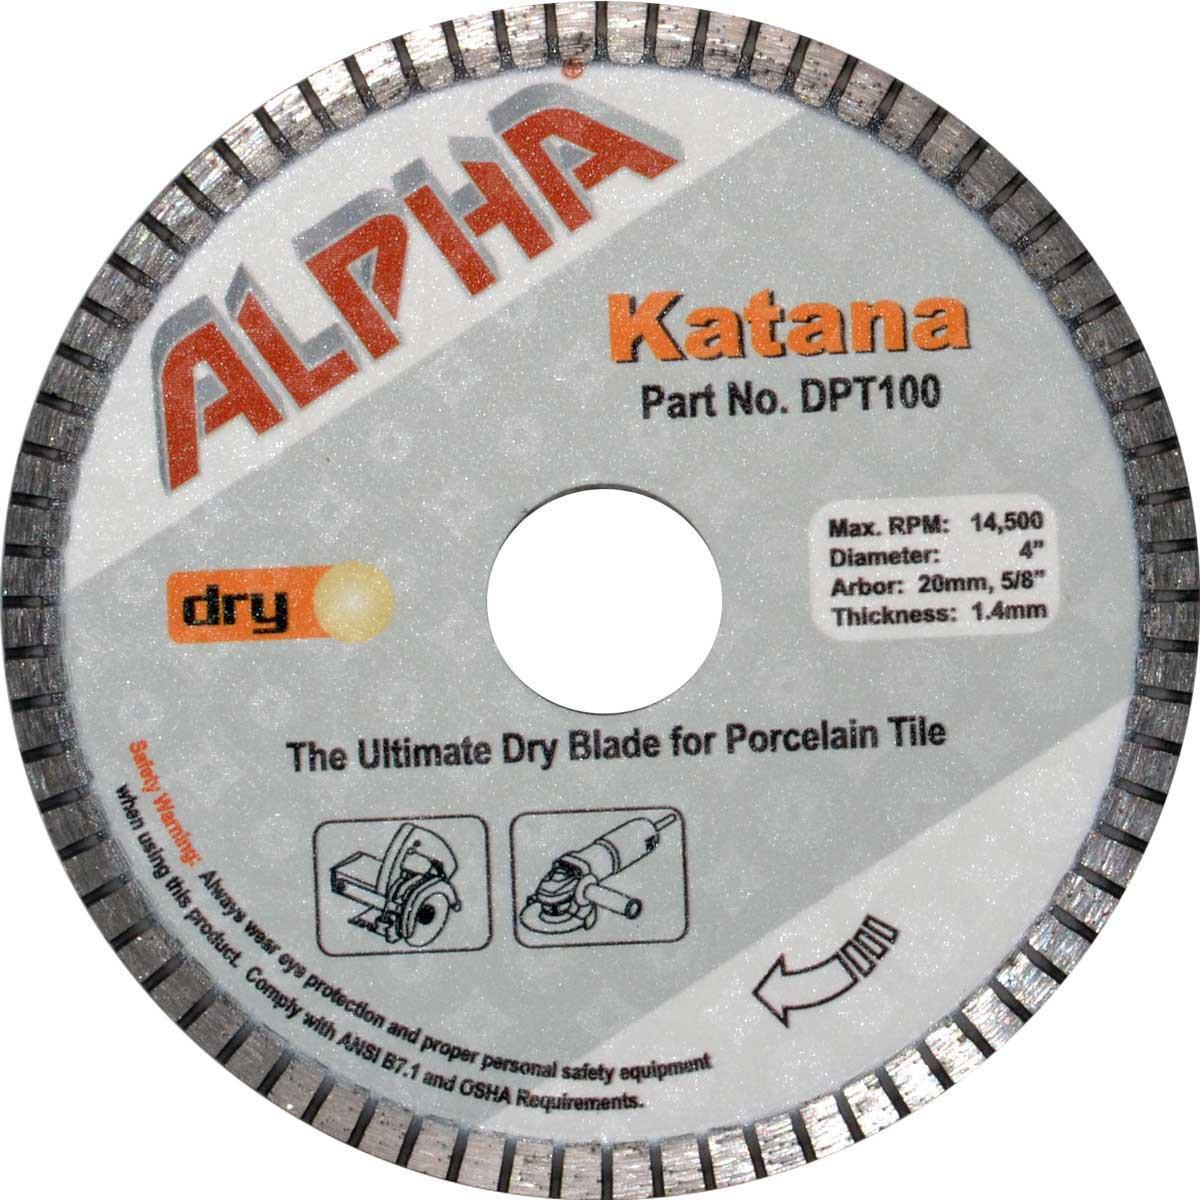 Alpha Dpt100 Katana 4